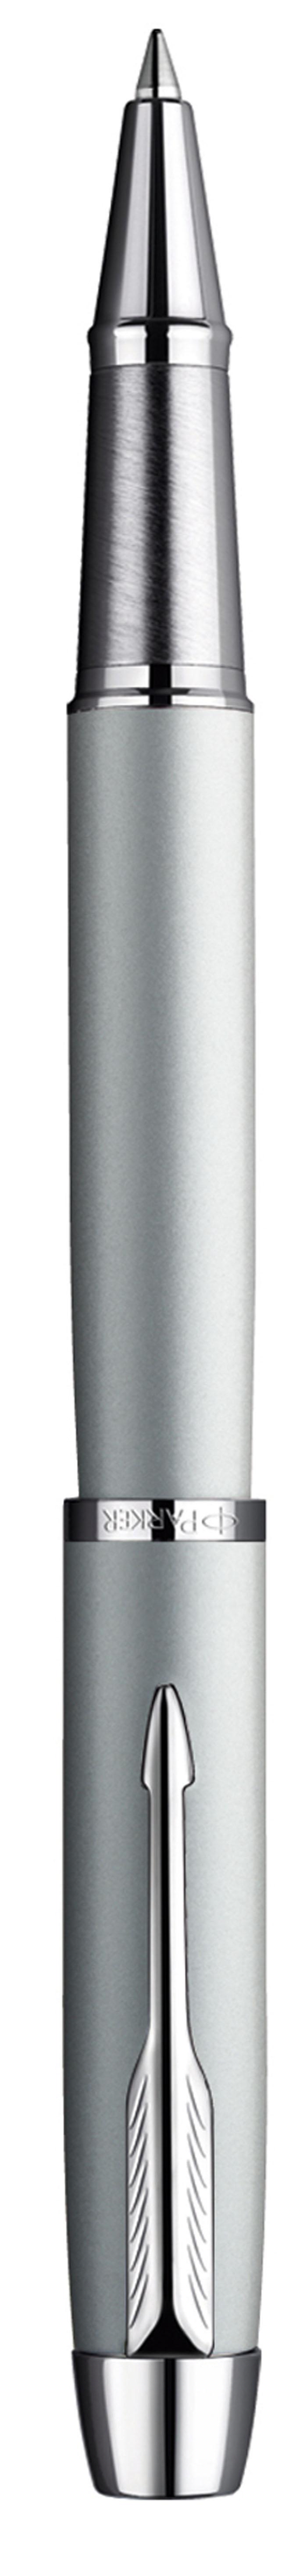 Роллер IM Silver CT. PARKER-S085637072523WDРучка-роллер Паркер Ай Эм Силвер Си Ти. Инструмент для письма, линия письма - тонкая, цвет чернил черный. Произведено в Китае.